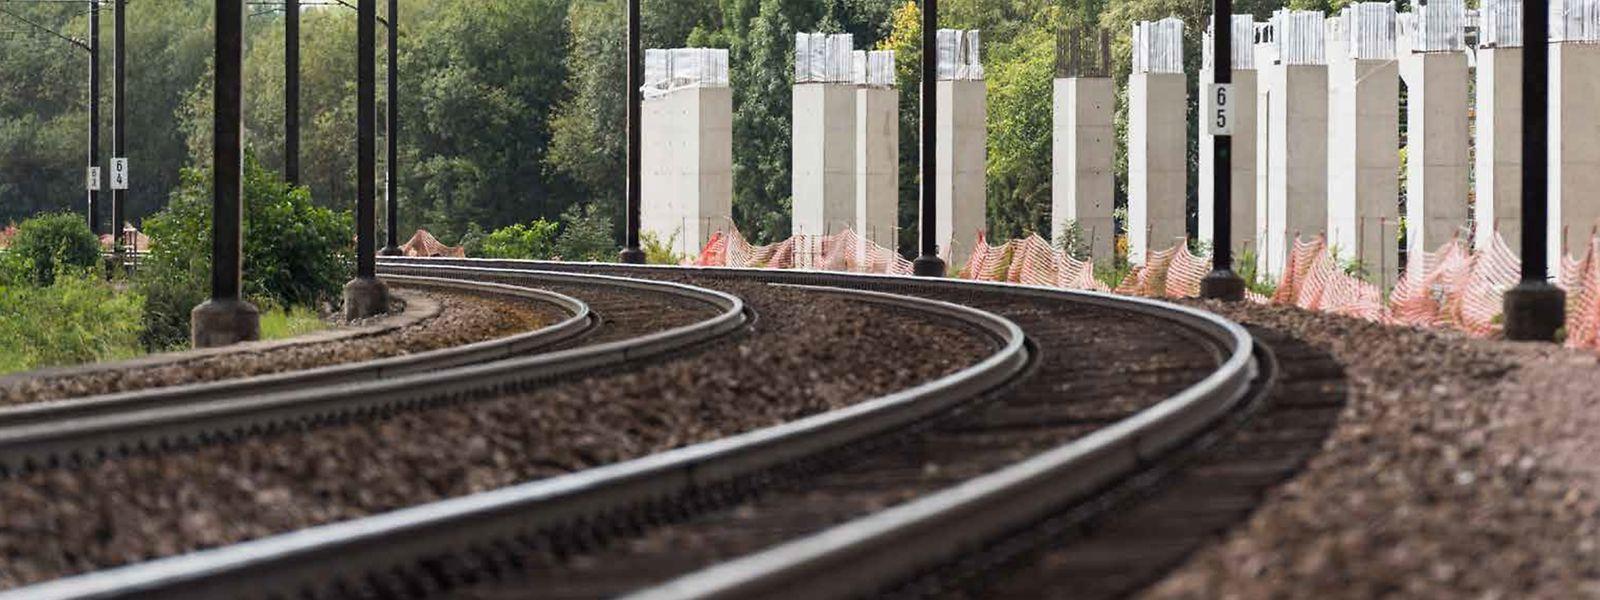 L'investissement le plus stratégique est la construction de deux voies entre Luxembourg et Bettembourg, au carrefour de tous les trains.